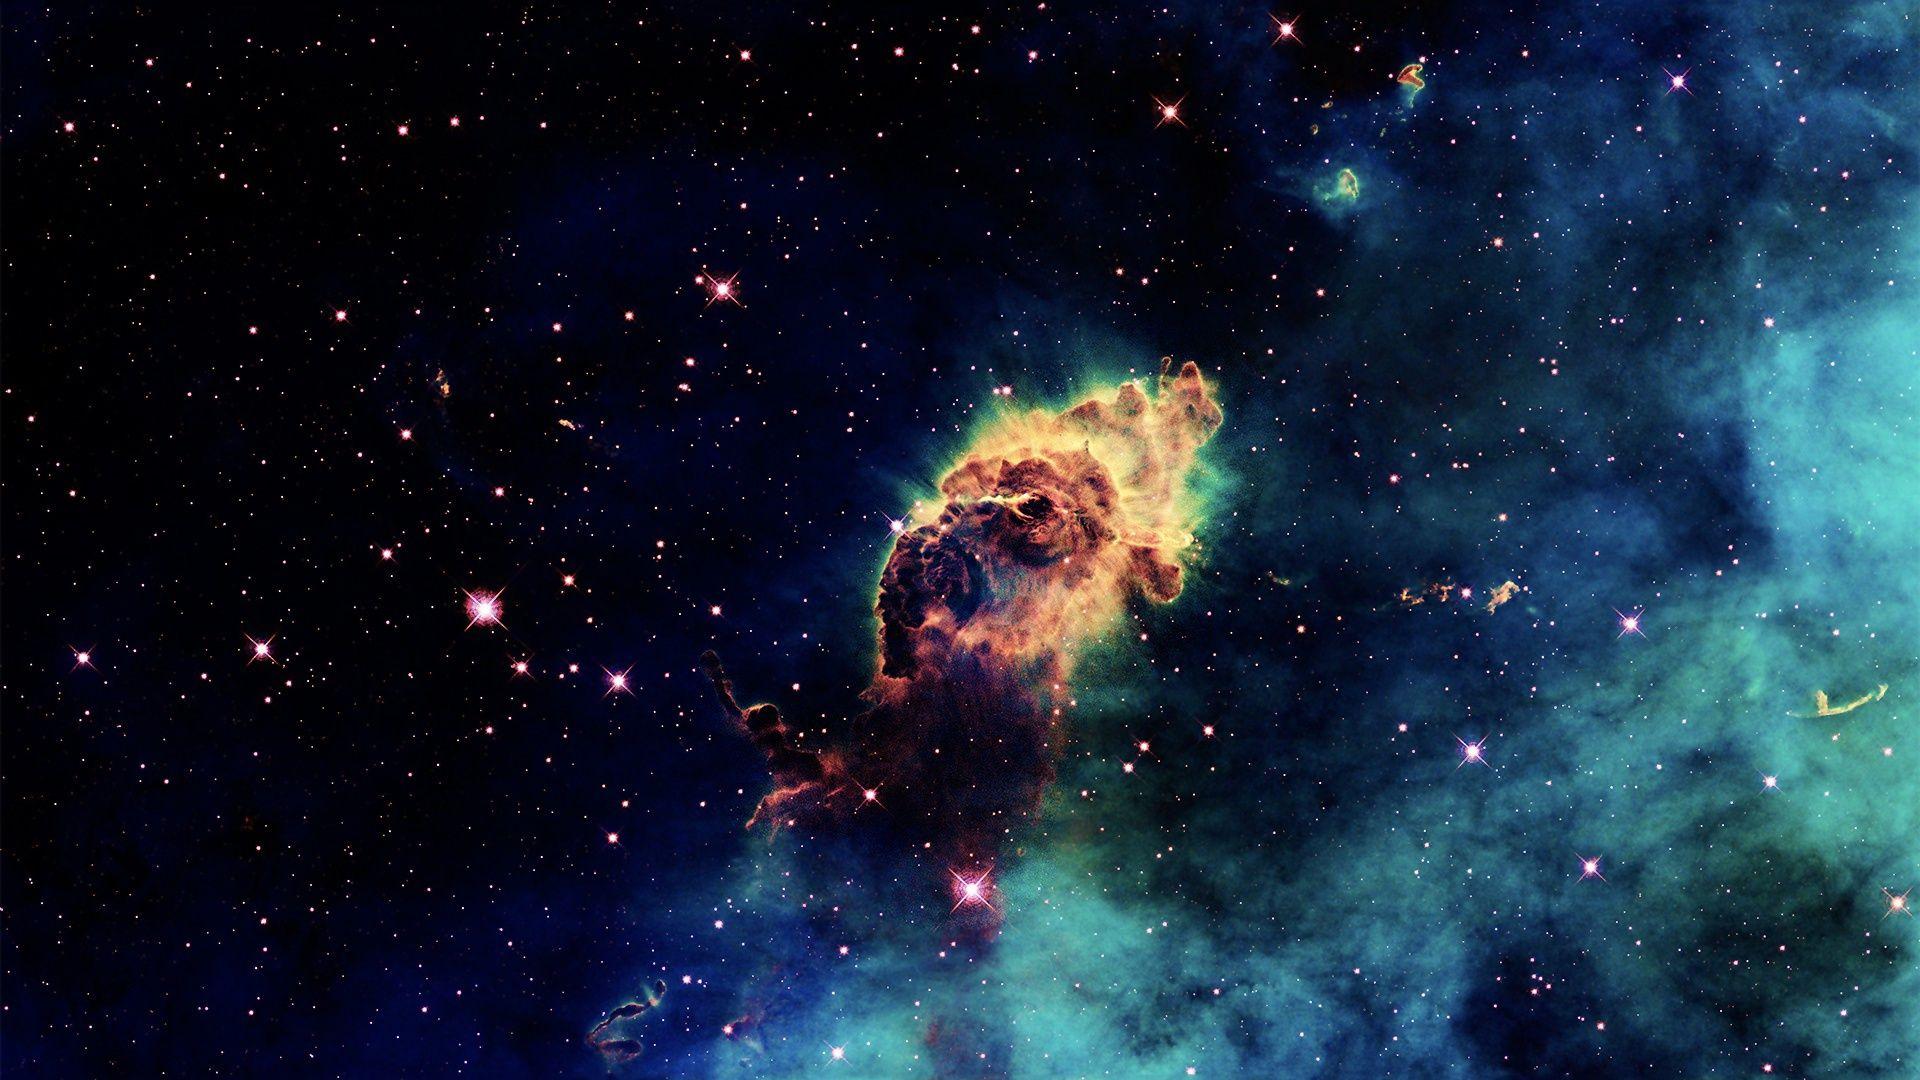 Andromeda Nebula Hd Wallpaper At Wallpapersmap Com Nebula Wallpaper Star Wallpaper Galaxy Wallpaper